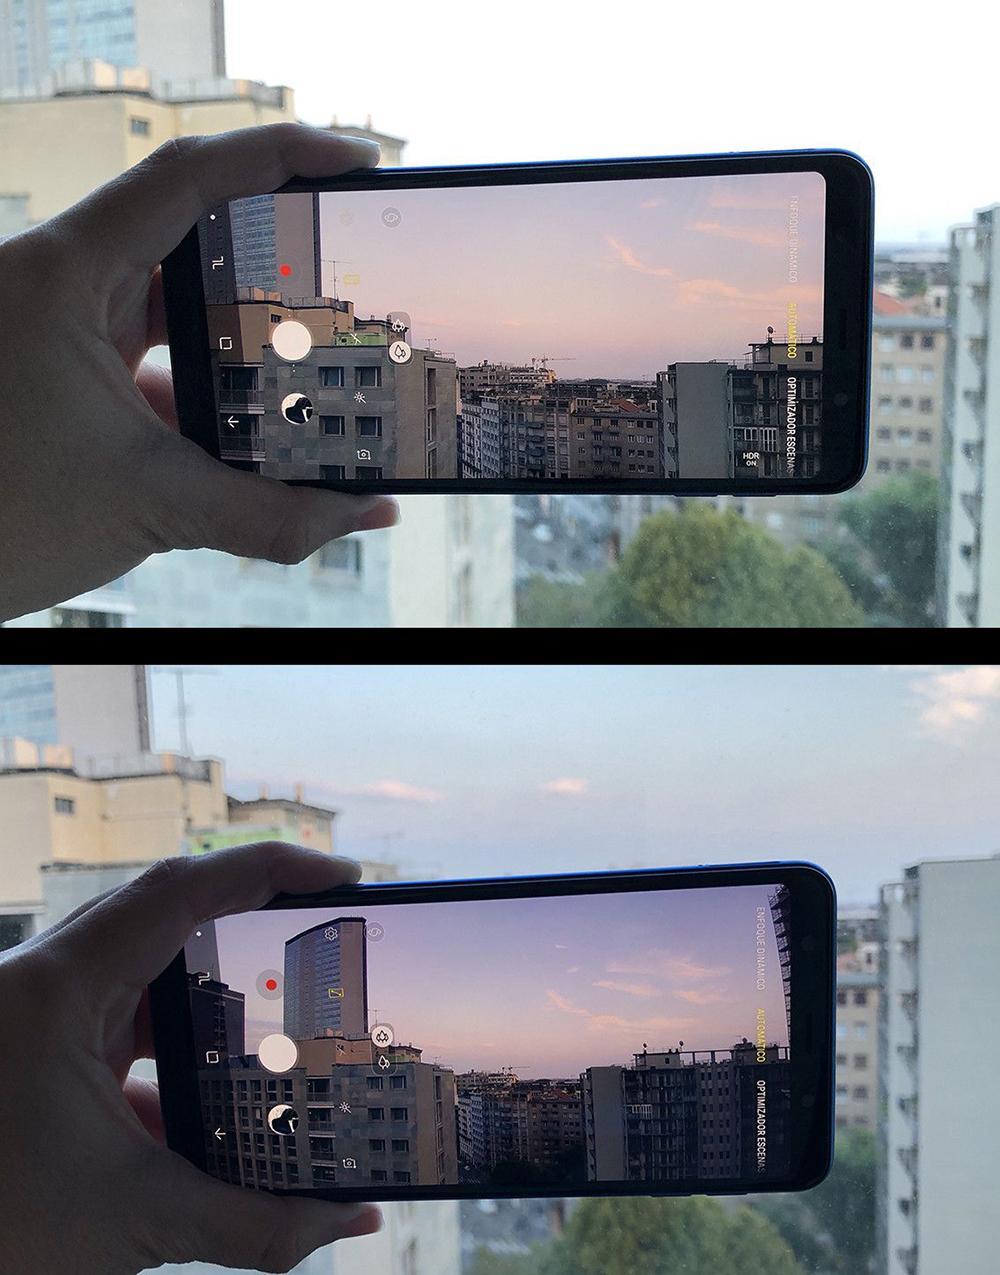 产品拍摄为何要用专业相机而非手机